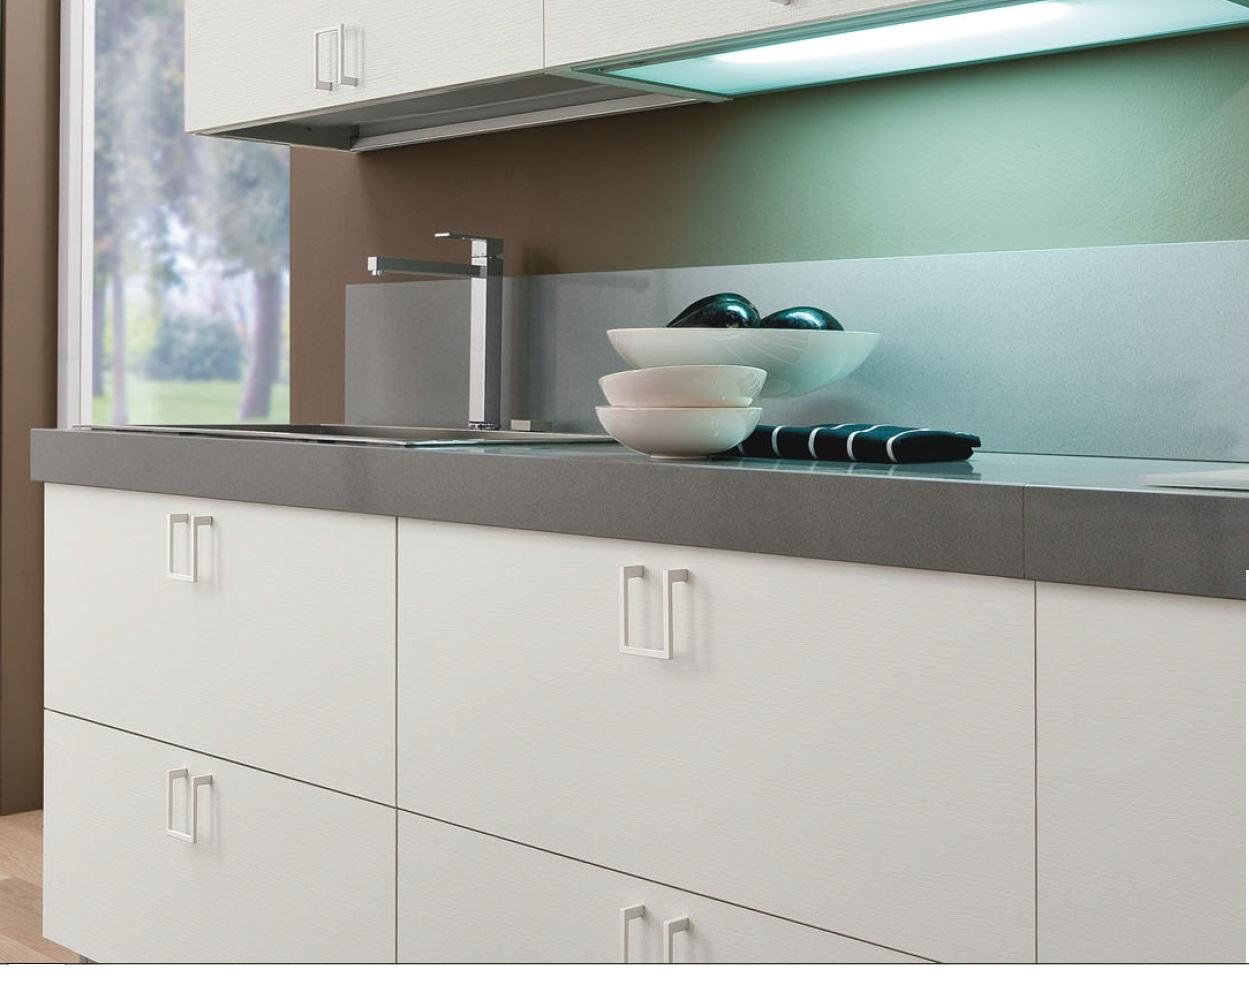 Cucina bianca laccata moderna essential white offerta convenienza cucine a prezzi scontati - Cucine moderne mercatone uno ...